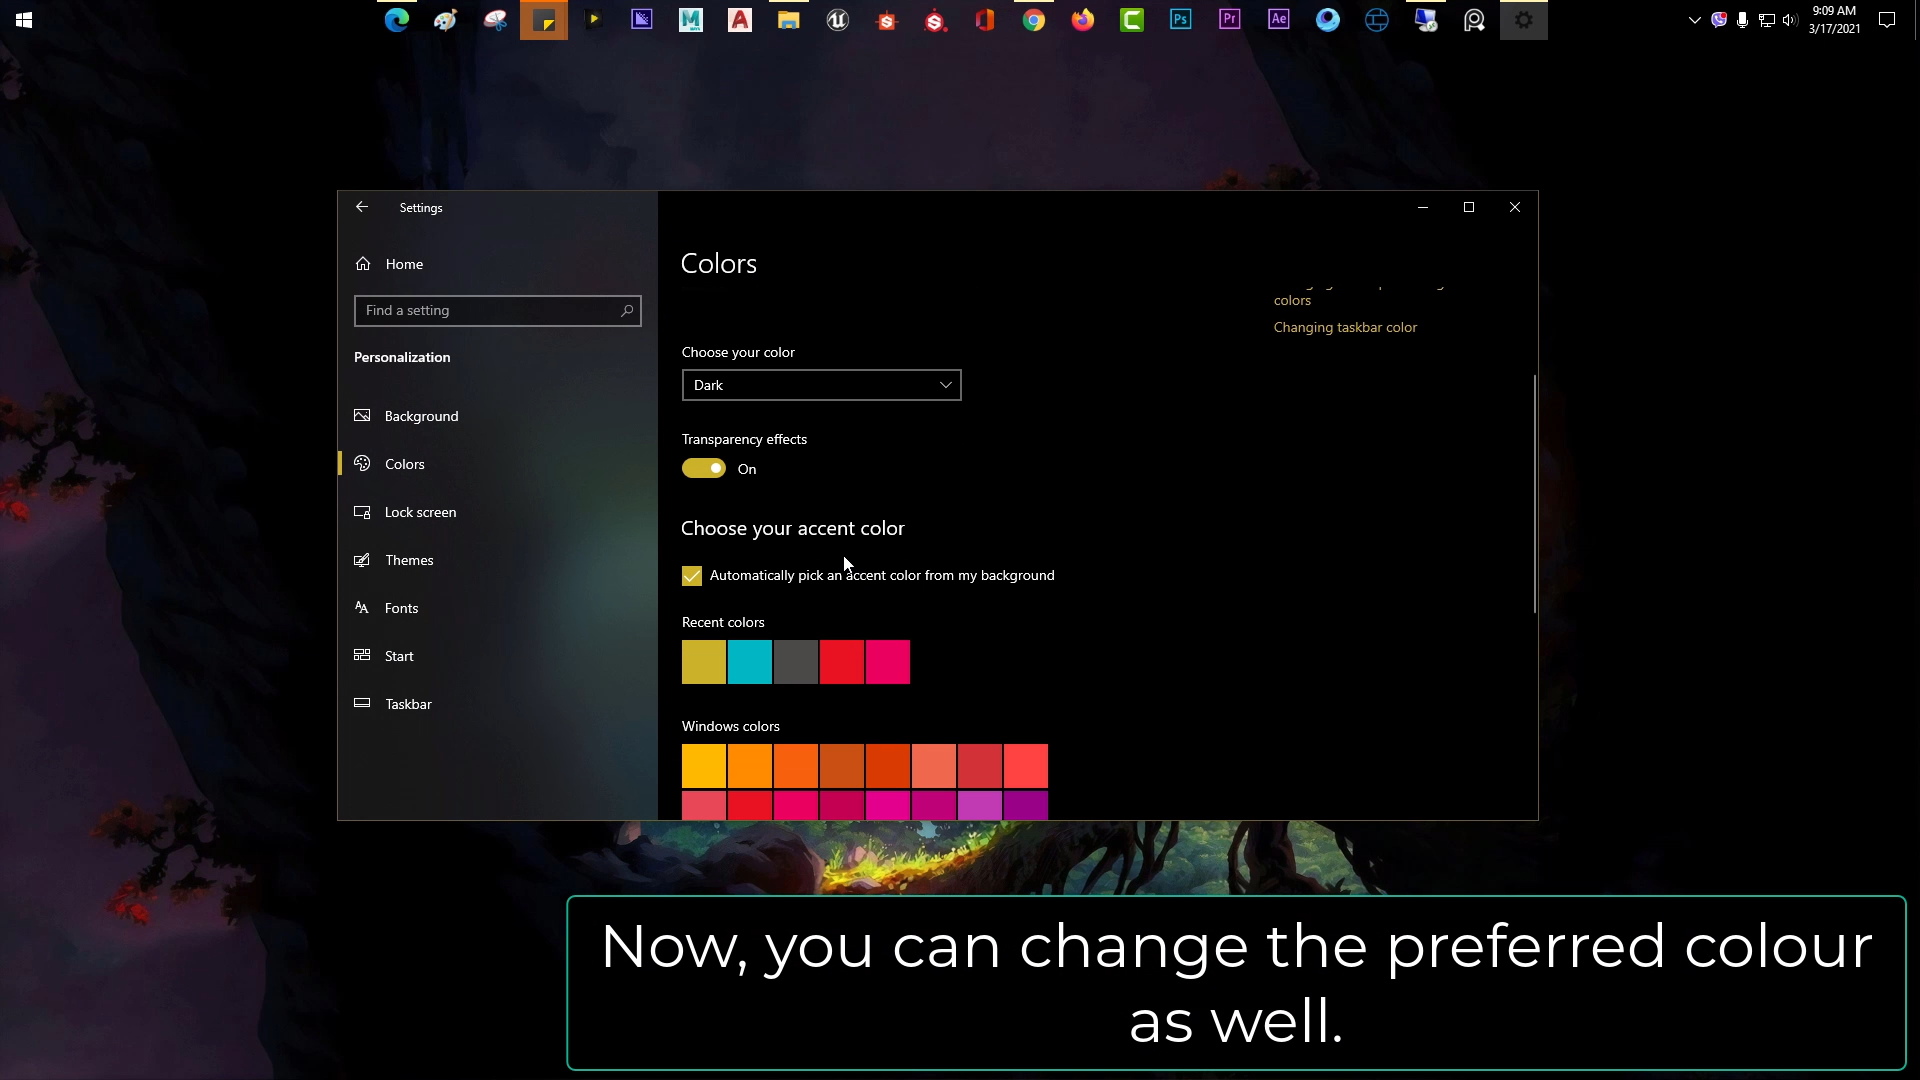 Activate Dark Mode on Windows 10